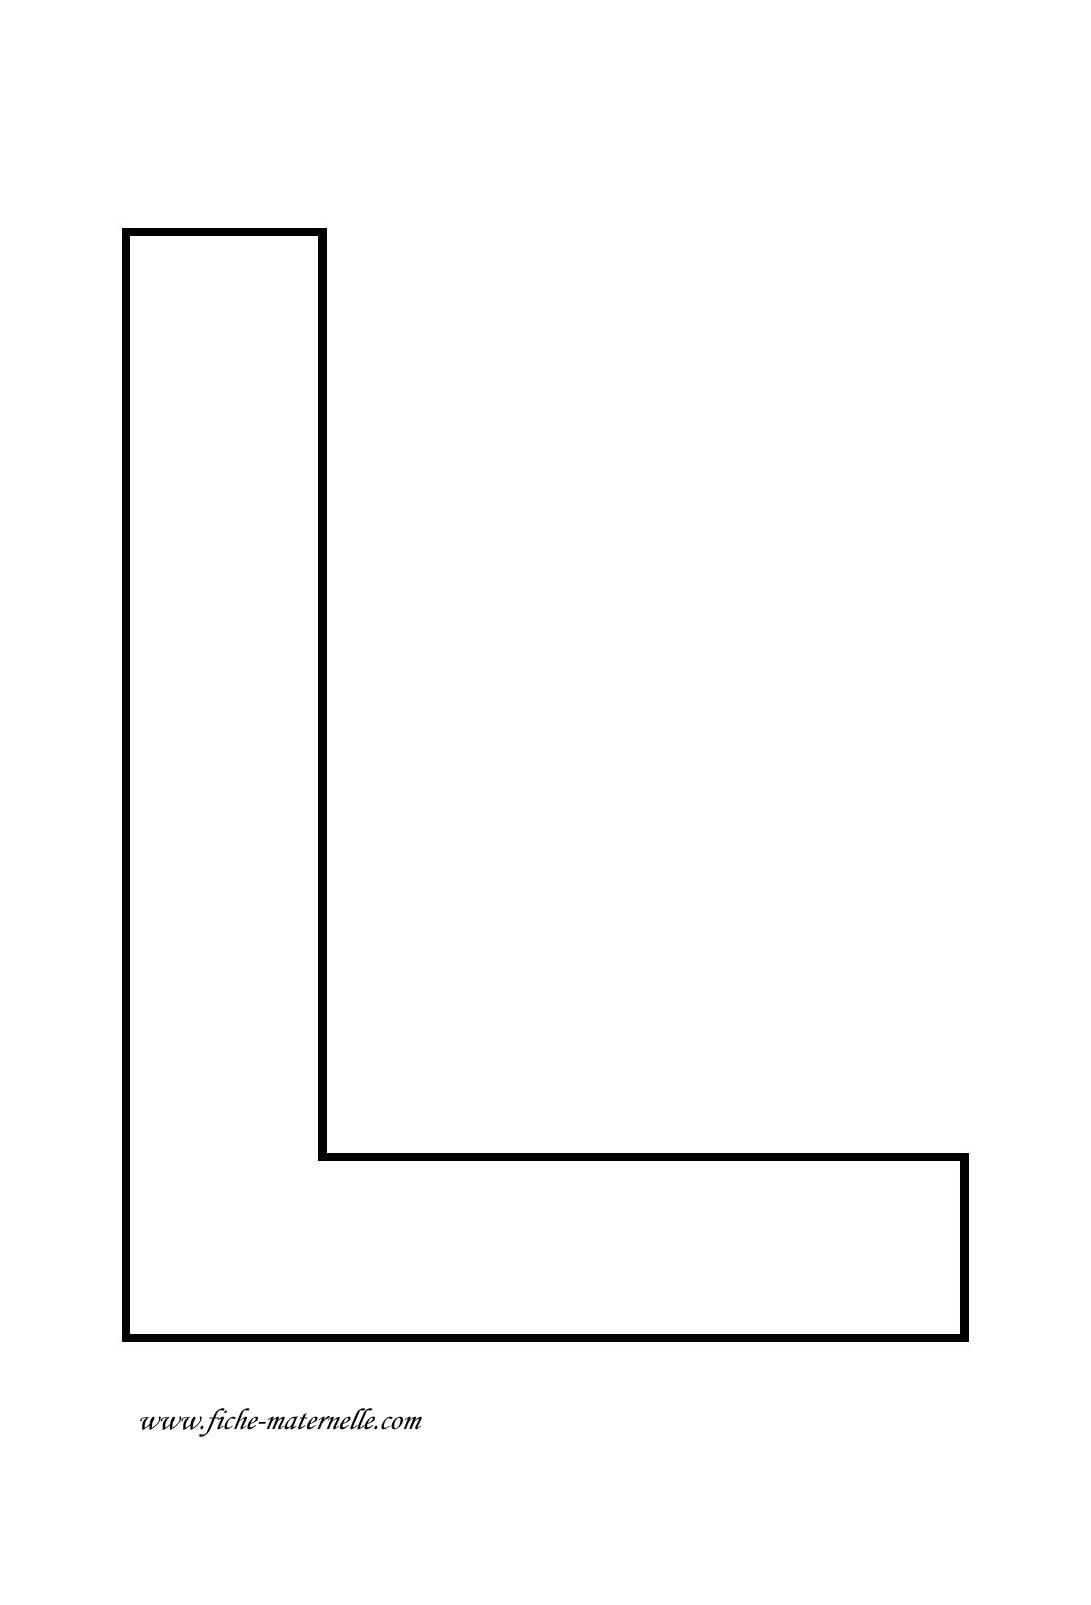 Lettre de l 39 alphabet d corer lettre l - Lettres de l alphabet a decorer ...